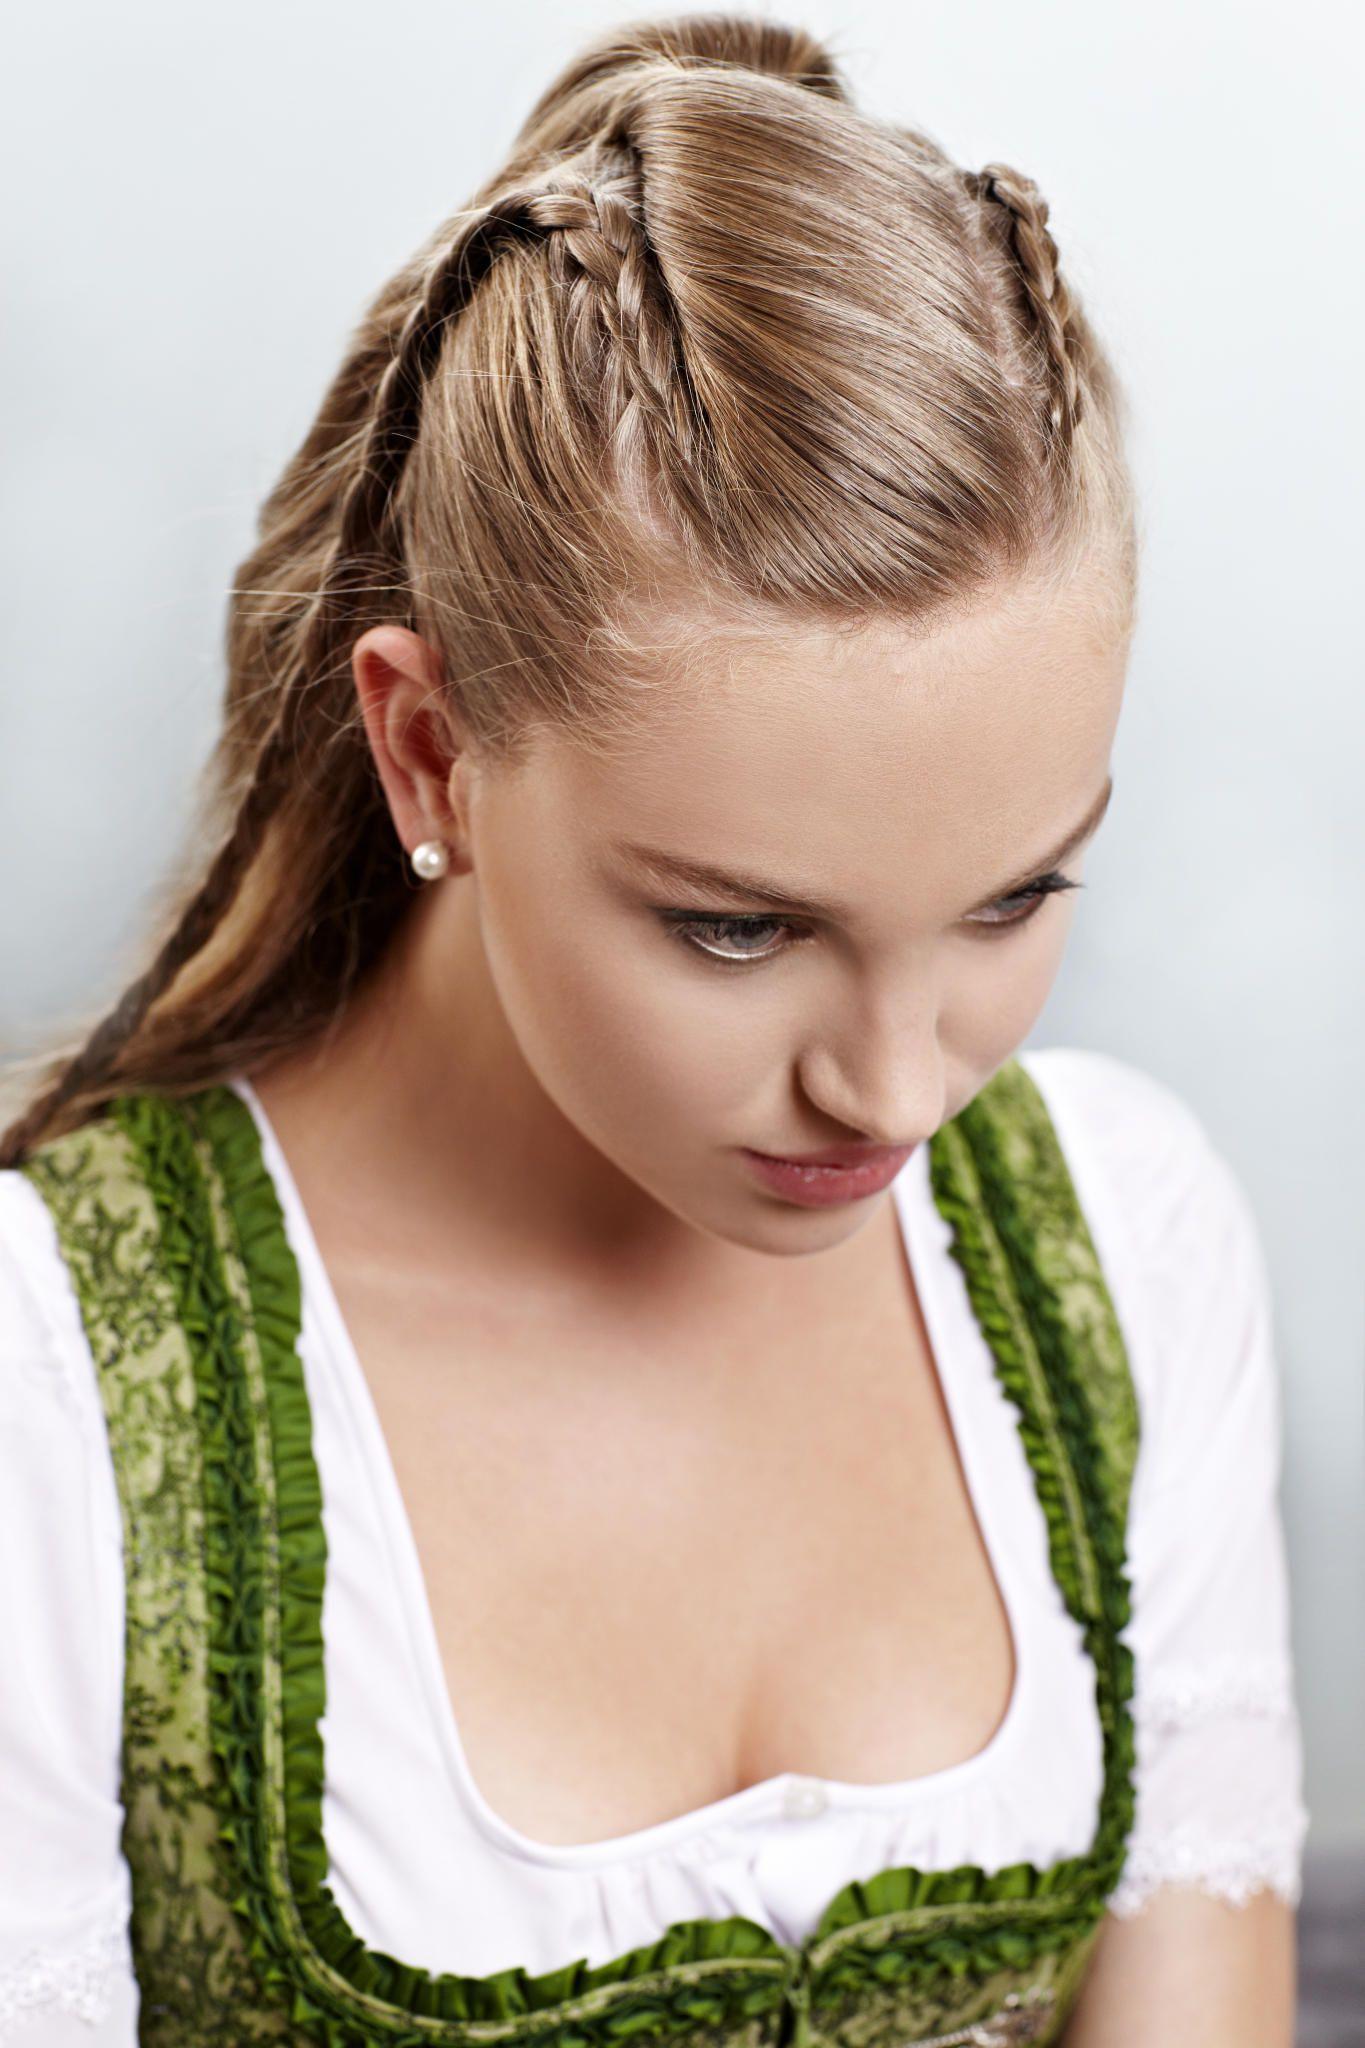 DUTT für kurze Haare & halber Dutt